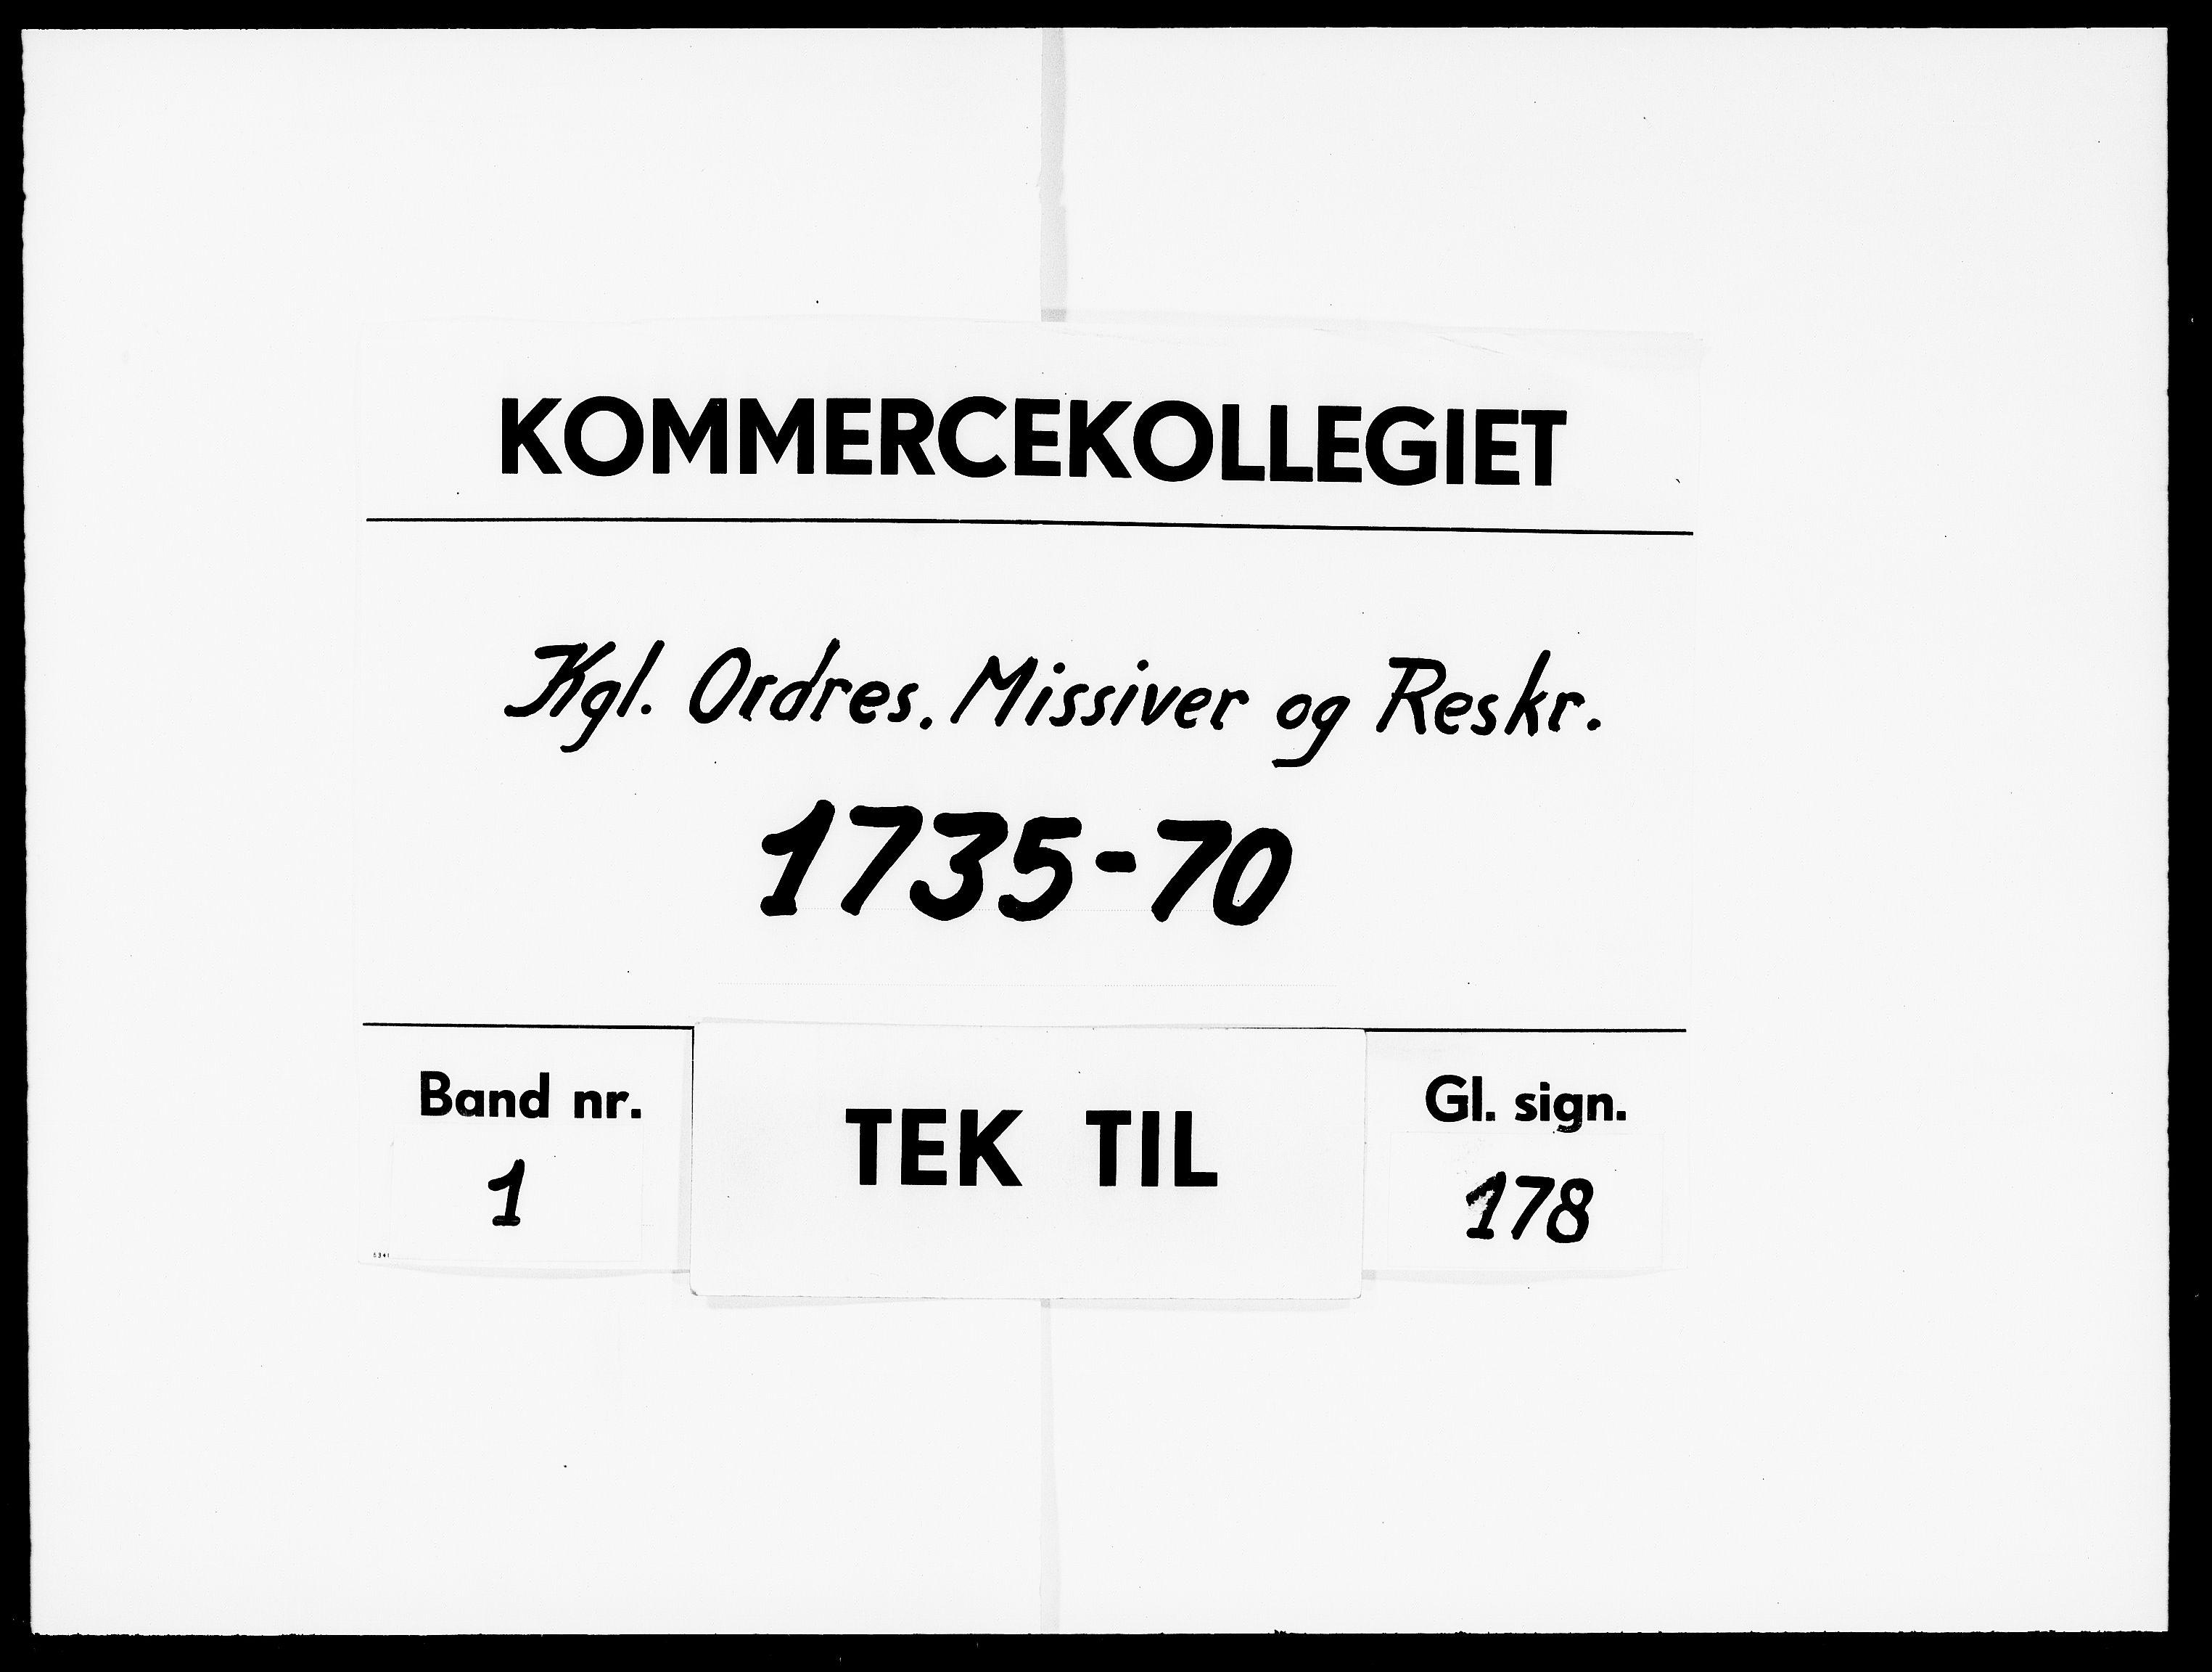 DRA, Kommercekollegiet, Dansk-Norske Sekretariat, -/18: Kgl. Ordres. Missiver og Reskr., 1735-1770